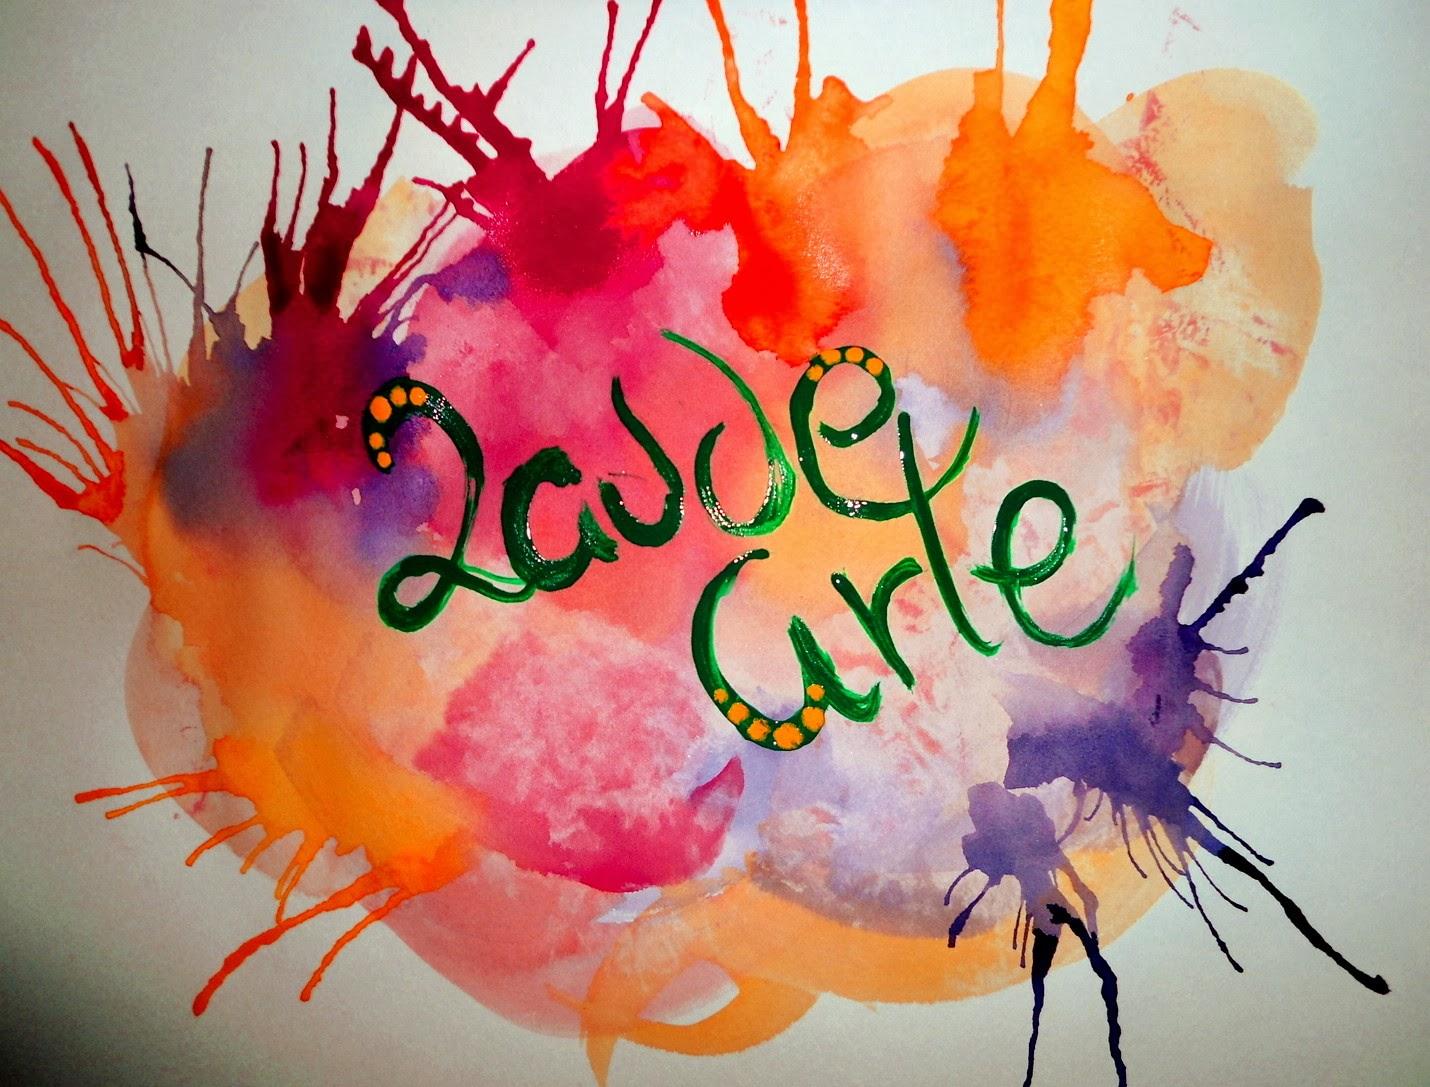 Arte y obras personales hechas a mano